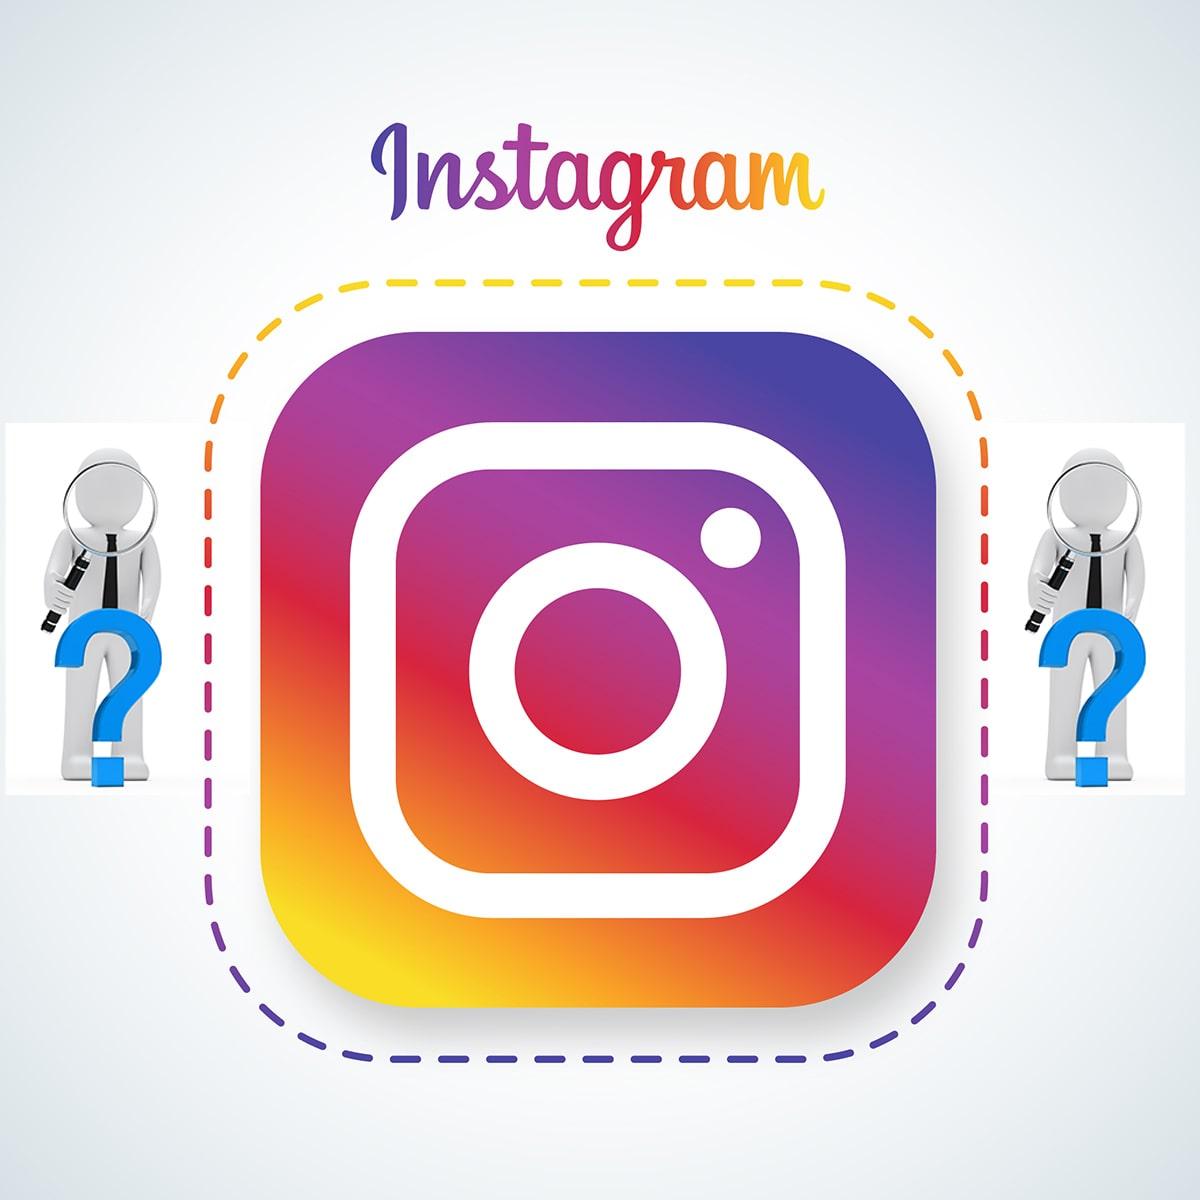 Instagram Hesabının Kime Ait Olduğunu Nasıl Bulunur?